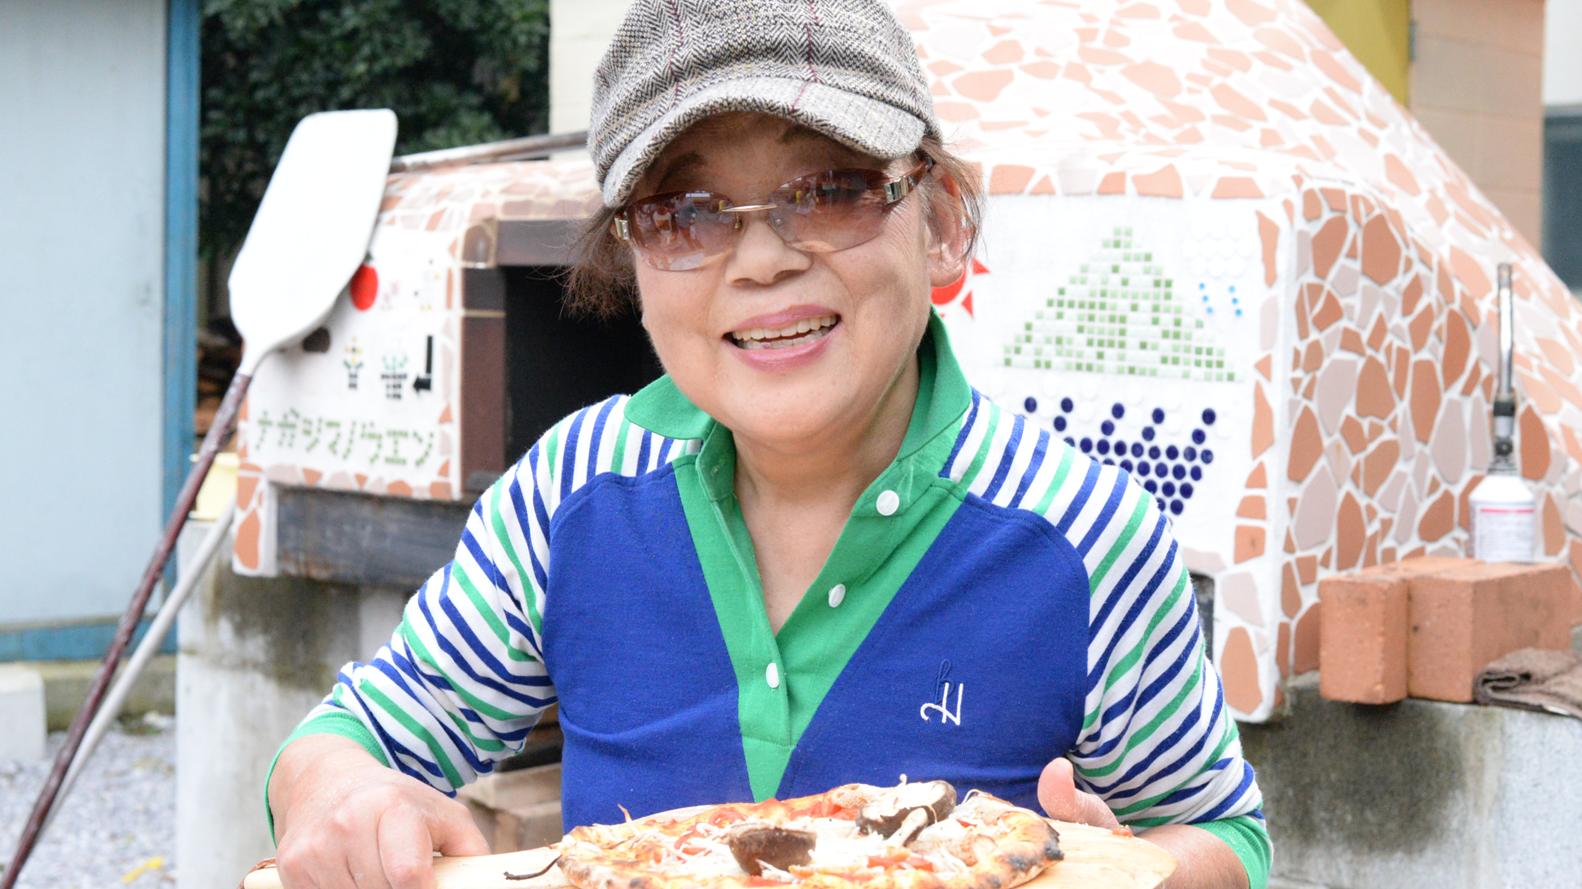 行って来ました永島農園、焼いてきました椎茸ピザ!@摘み取り椎茸と持込具材で本格ピザ作り